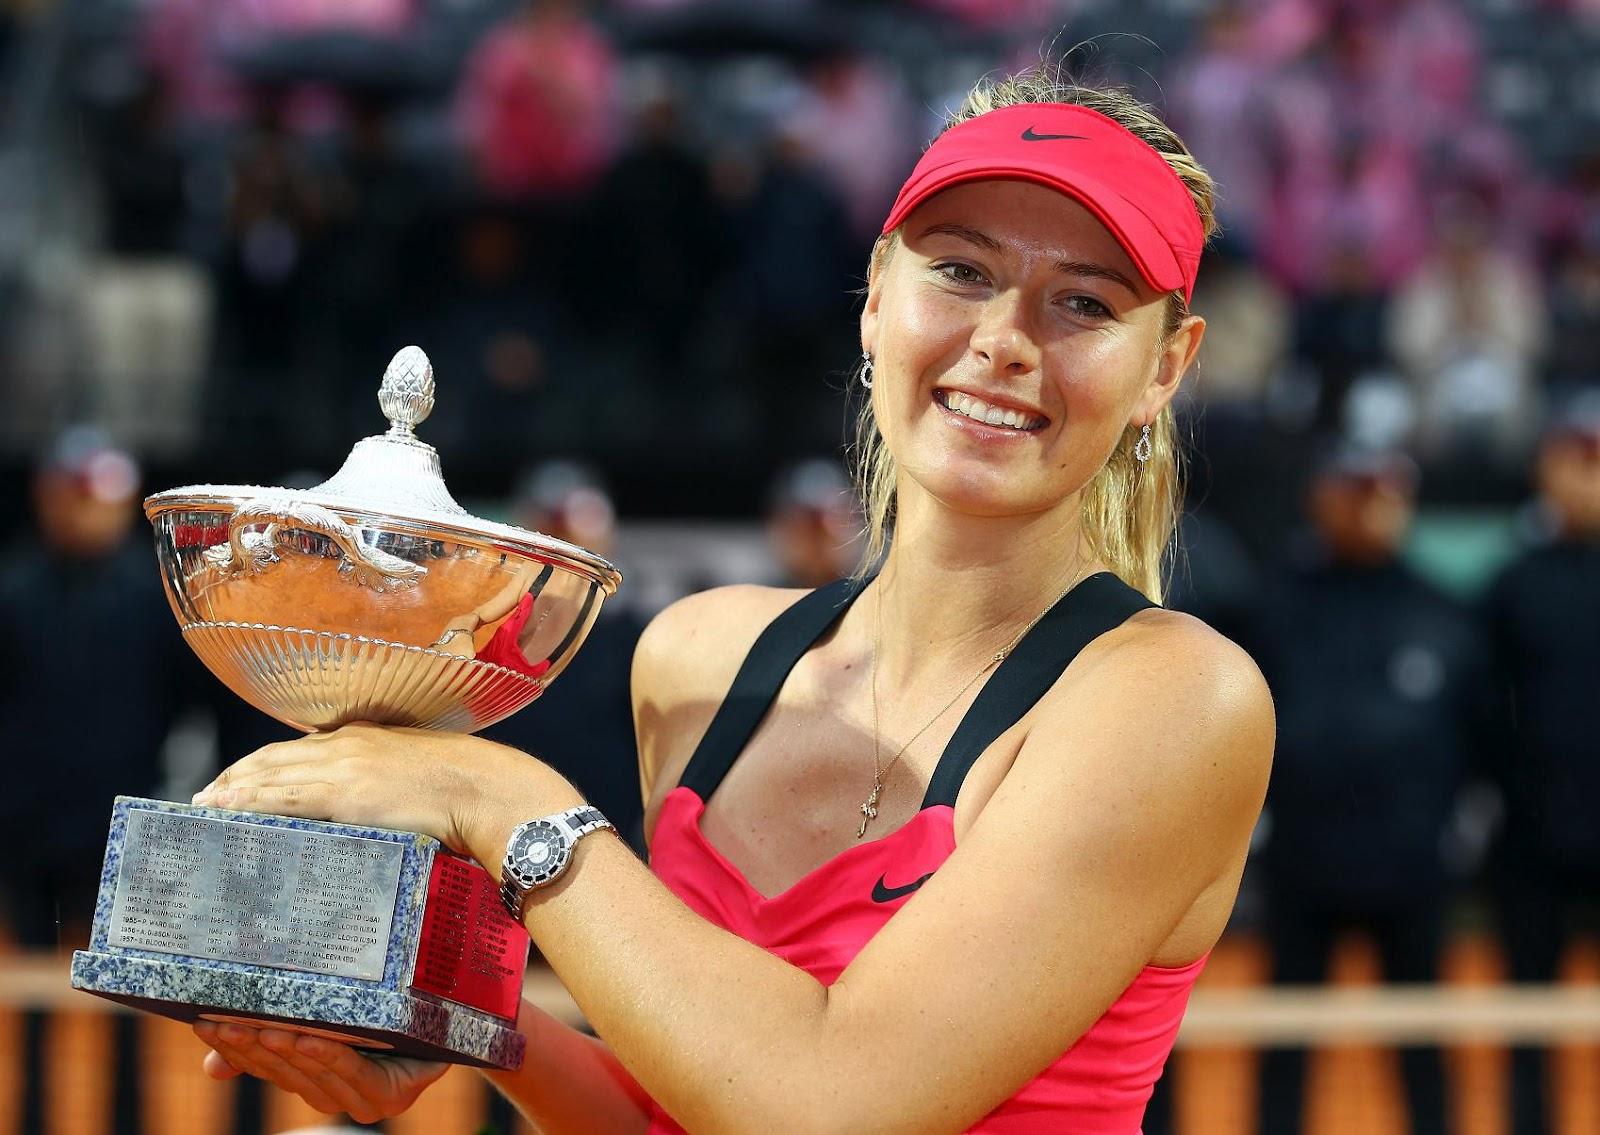 http://3.bp.blogspot.com/-Lspo01iiRo0/T7nqfrDMW2I/AAAAAAAAoo0/CixArMpHCI4/s1600/Maria+Sharapova+Wins+Rome+WAH1219.BA0859+.jpg